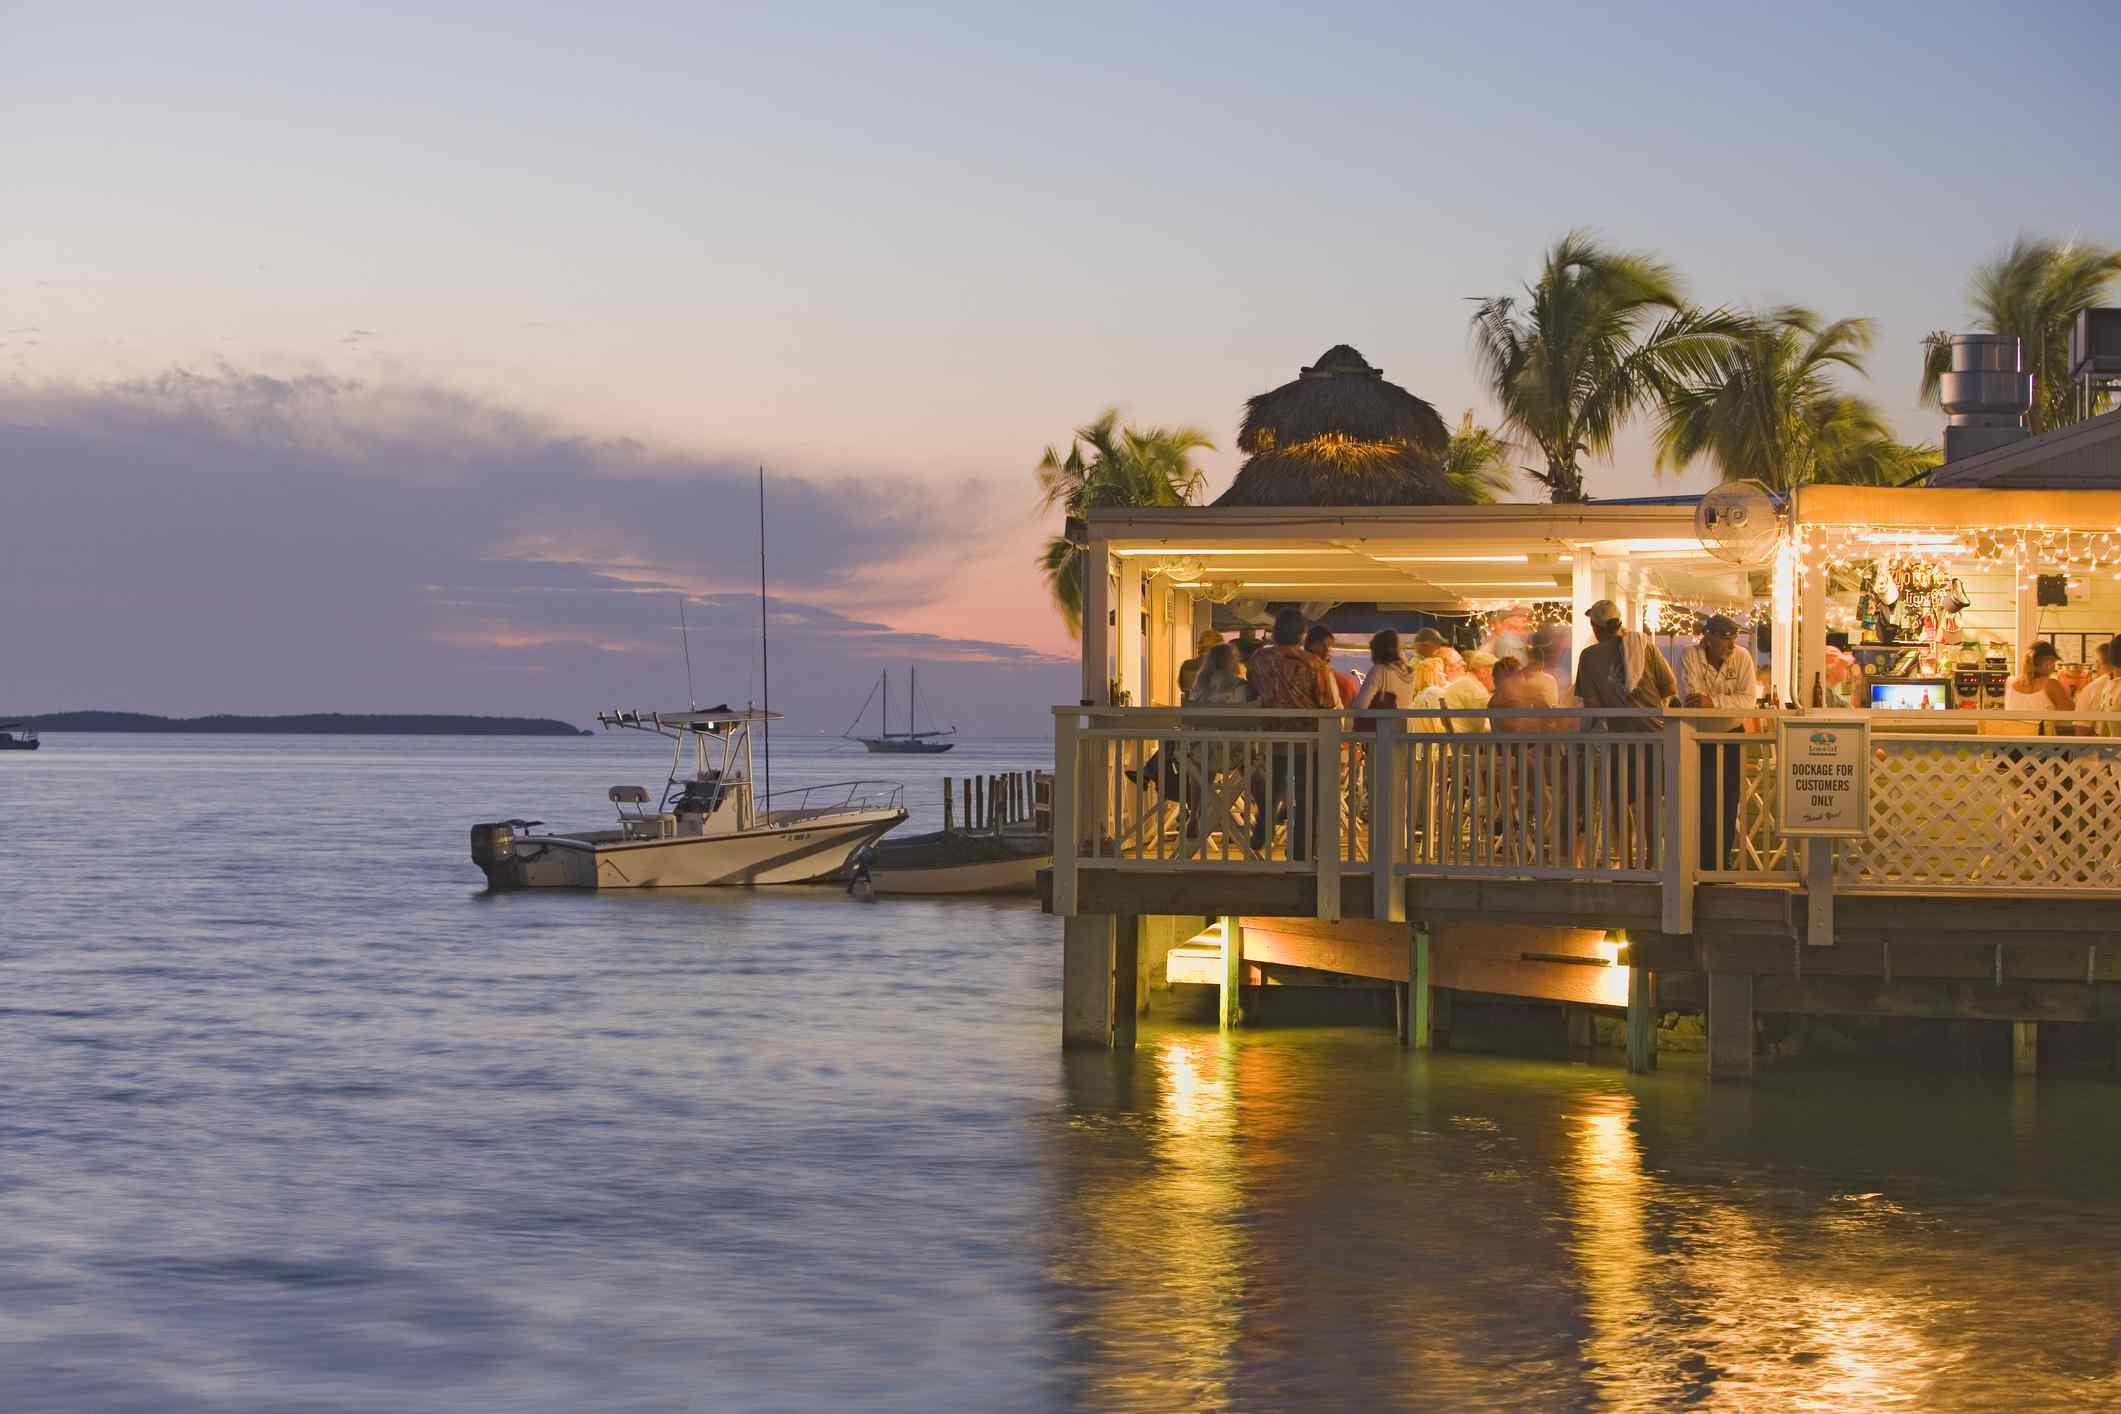 Restaurant in Florida Keys overlooking the water